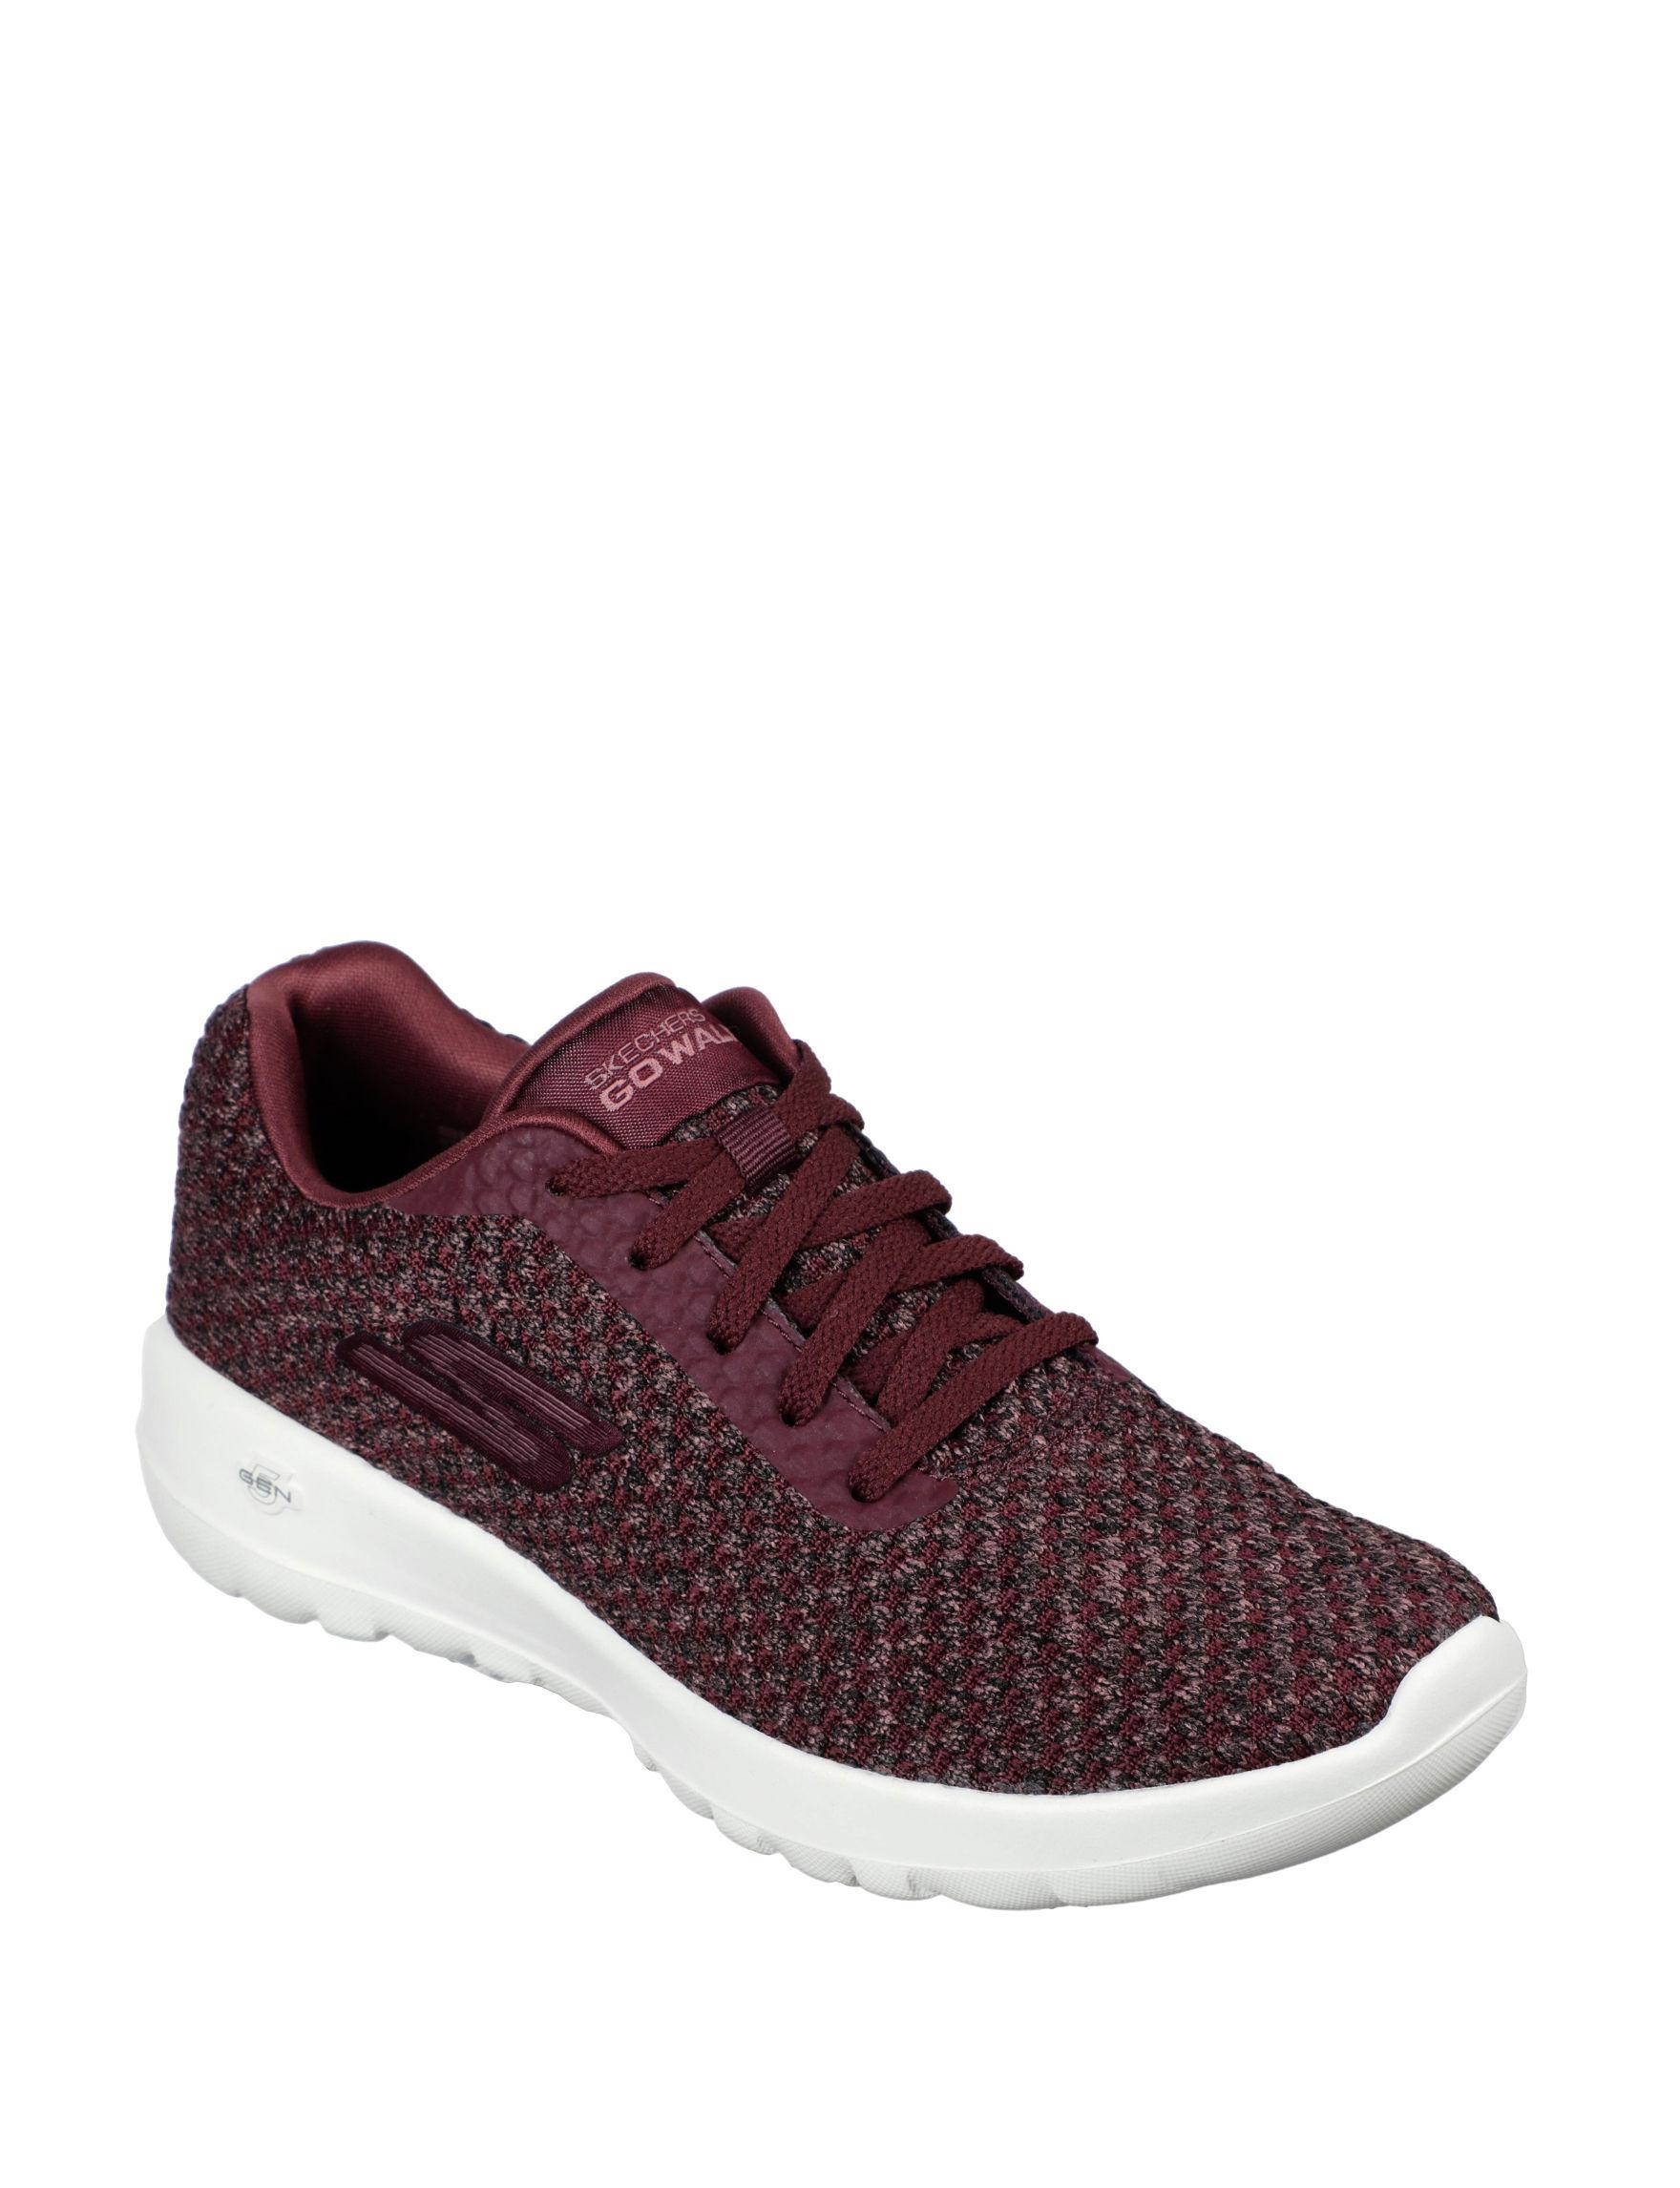 Skechers Burgundy Comfort Shoes